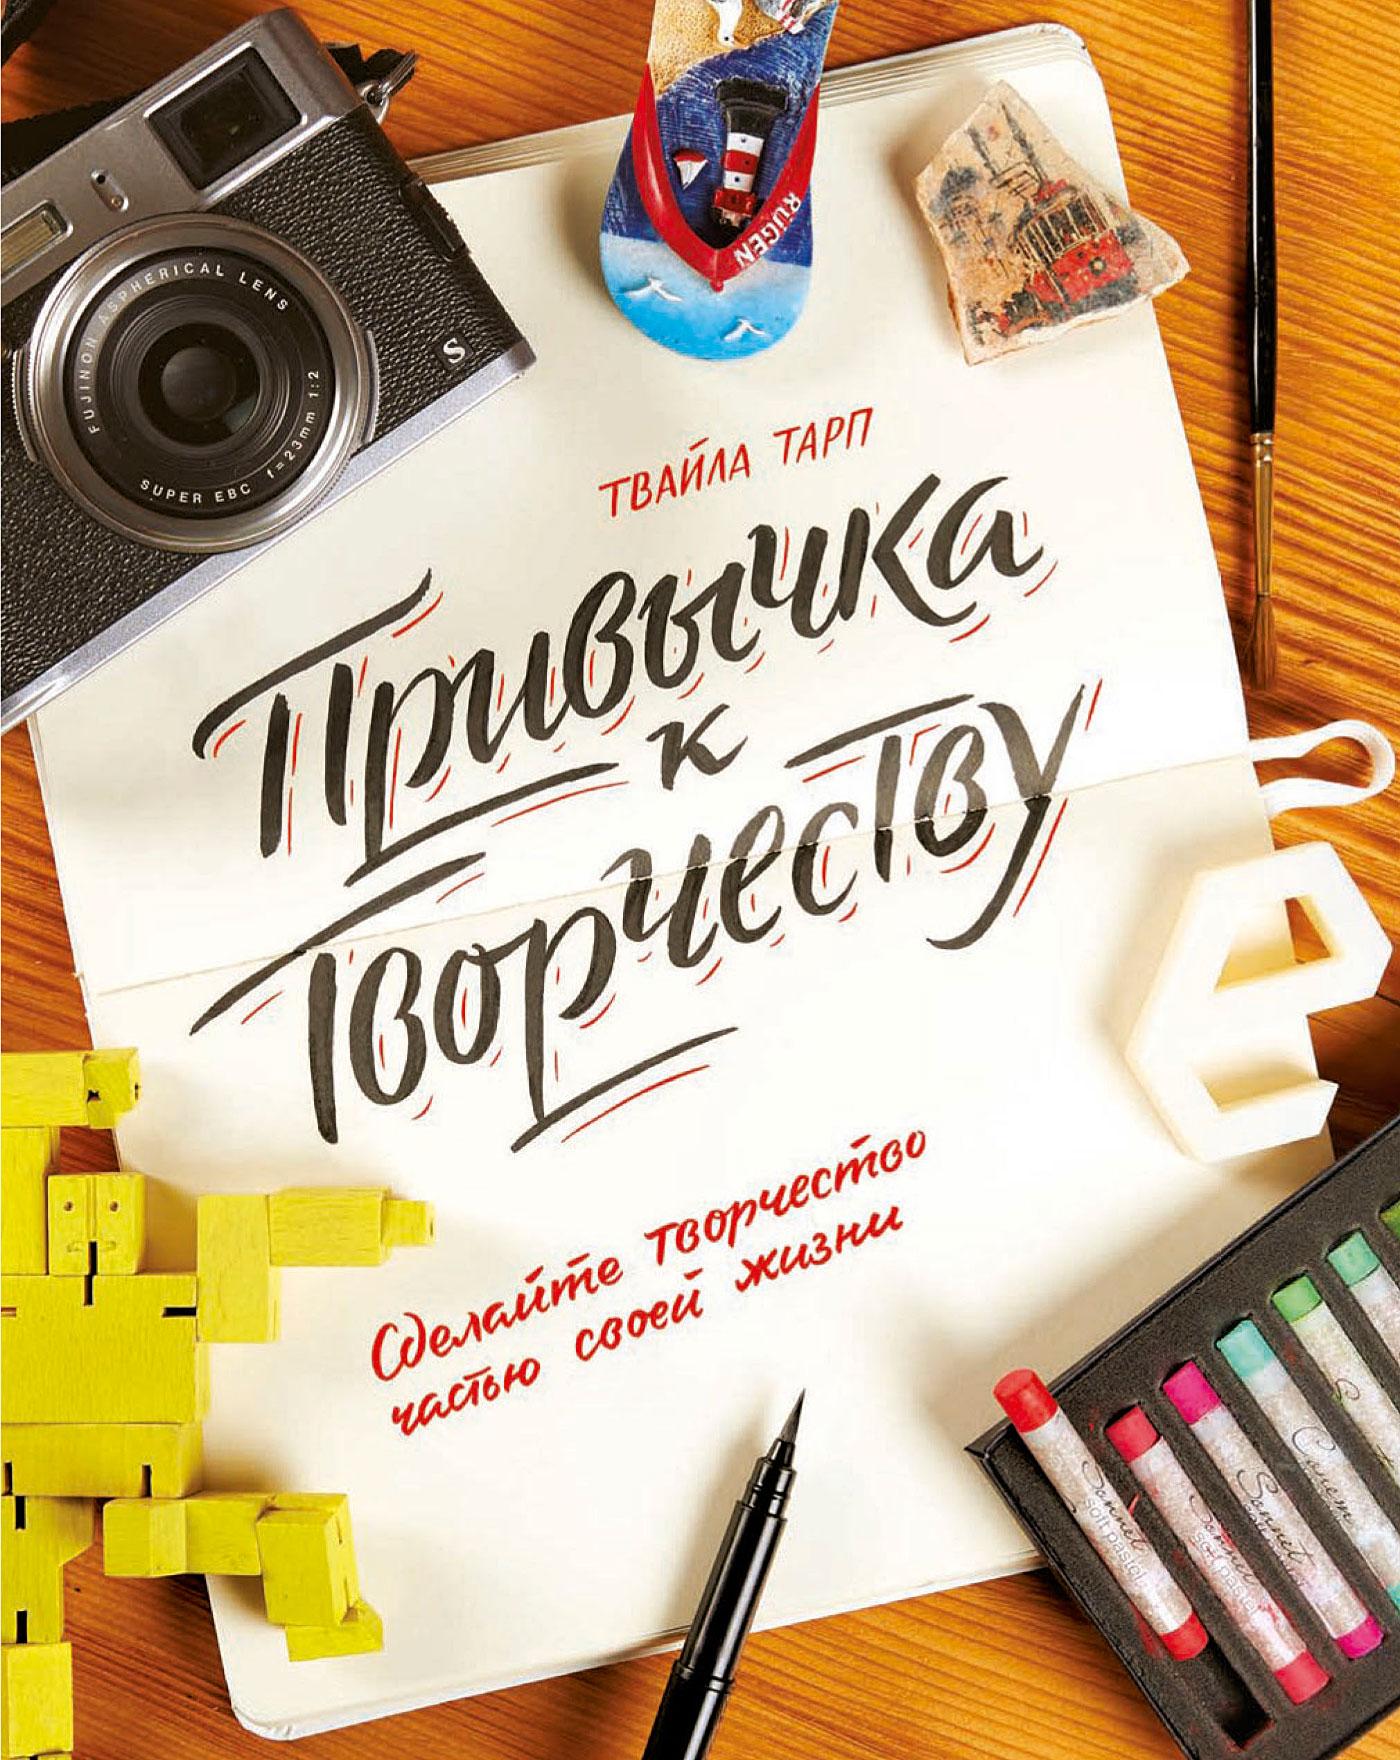 Обложка книги Привычка к творчеству. Сделайте творчество частью своей жизни